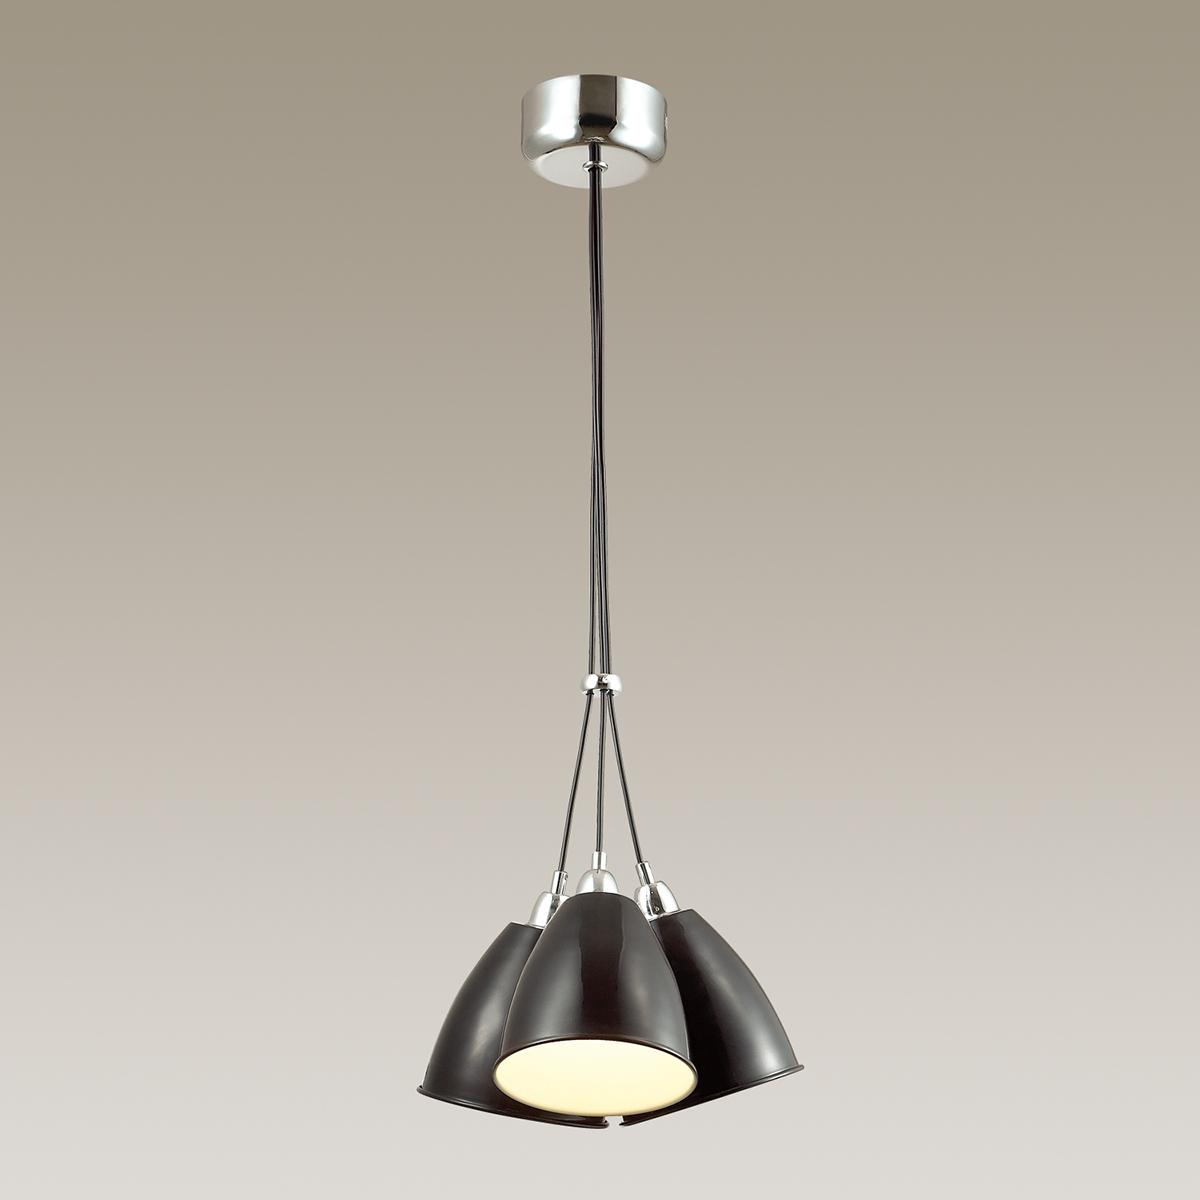 Подвесная люстра Odeon Light Trina 3974/3, 3xE27x60W, хром, черный, металл - фото 1